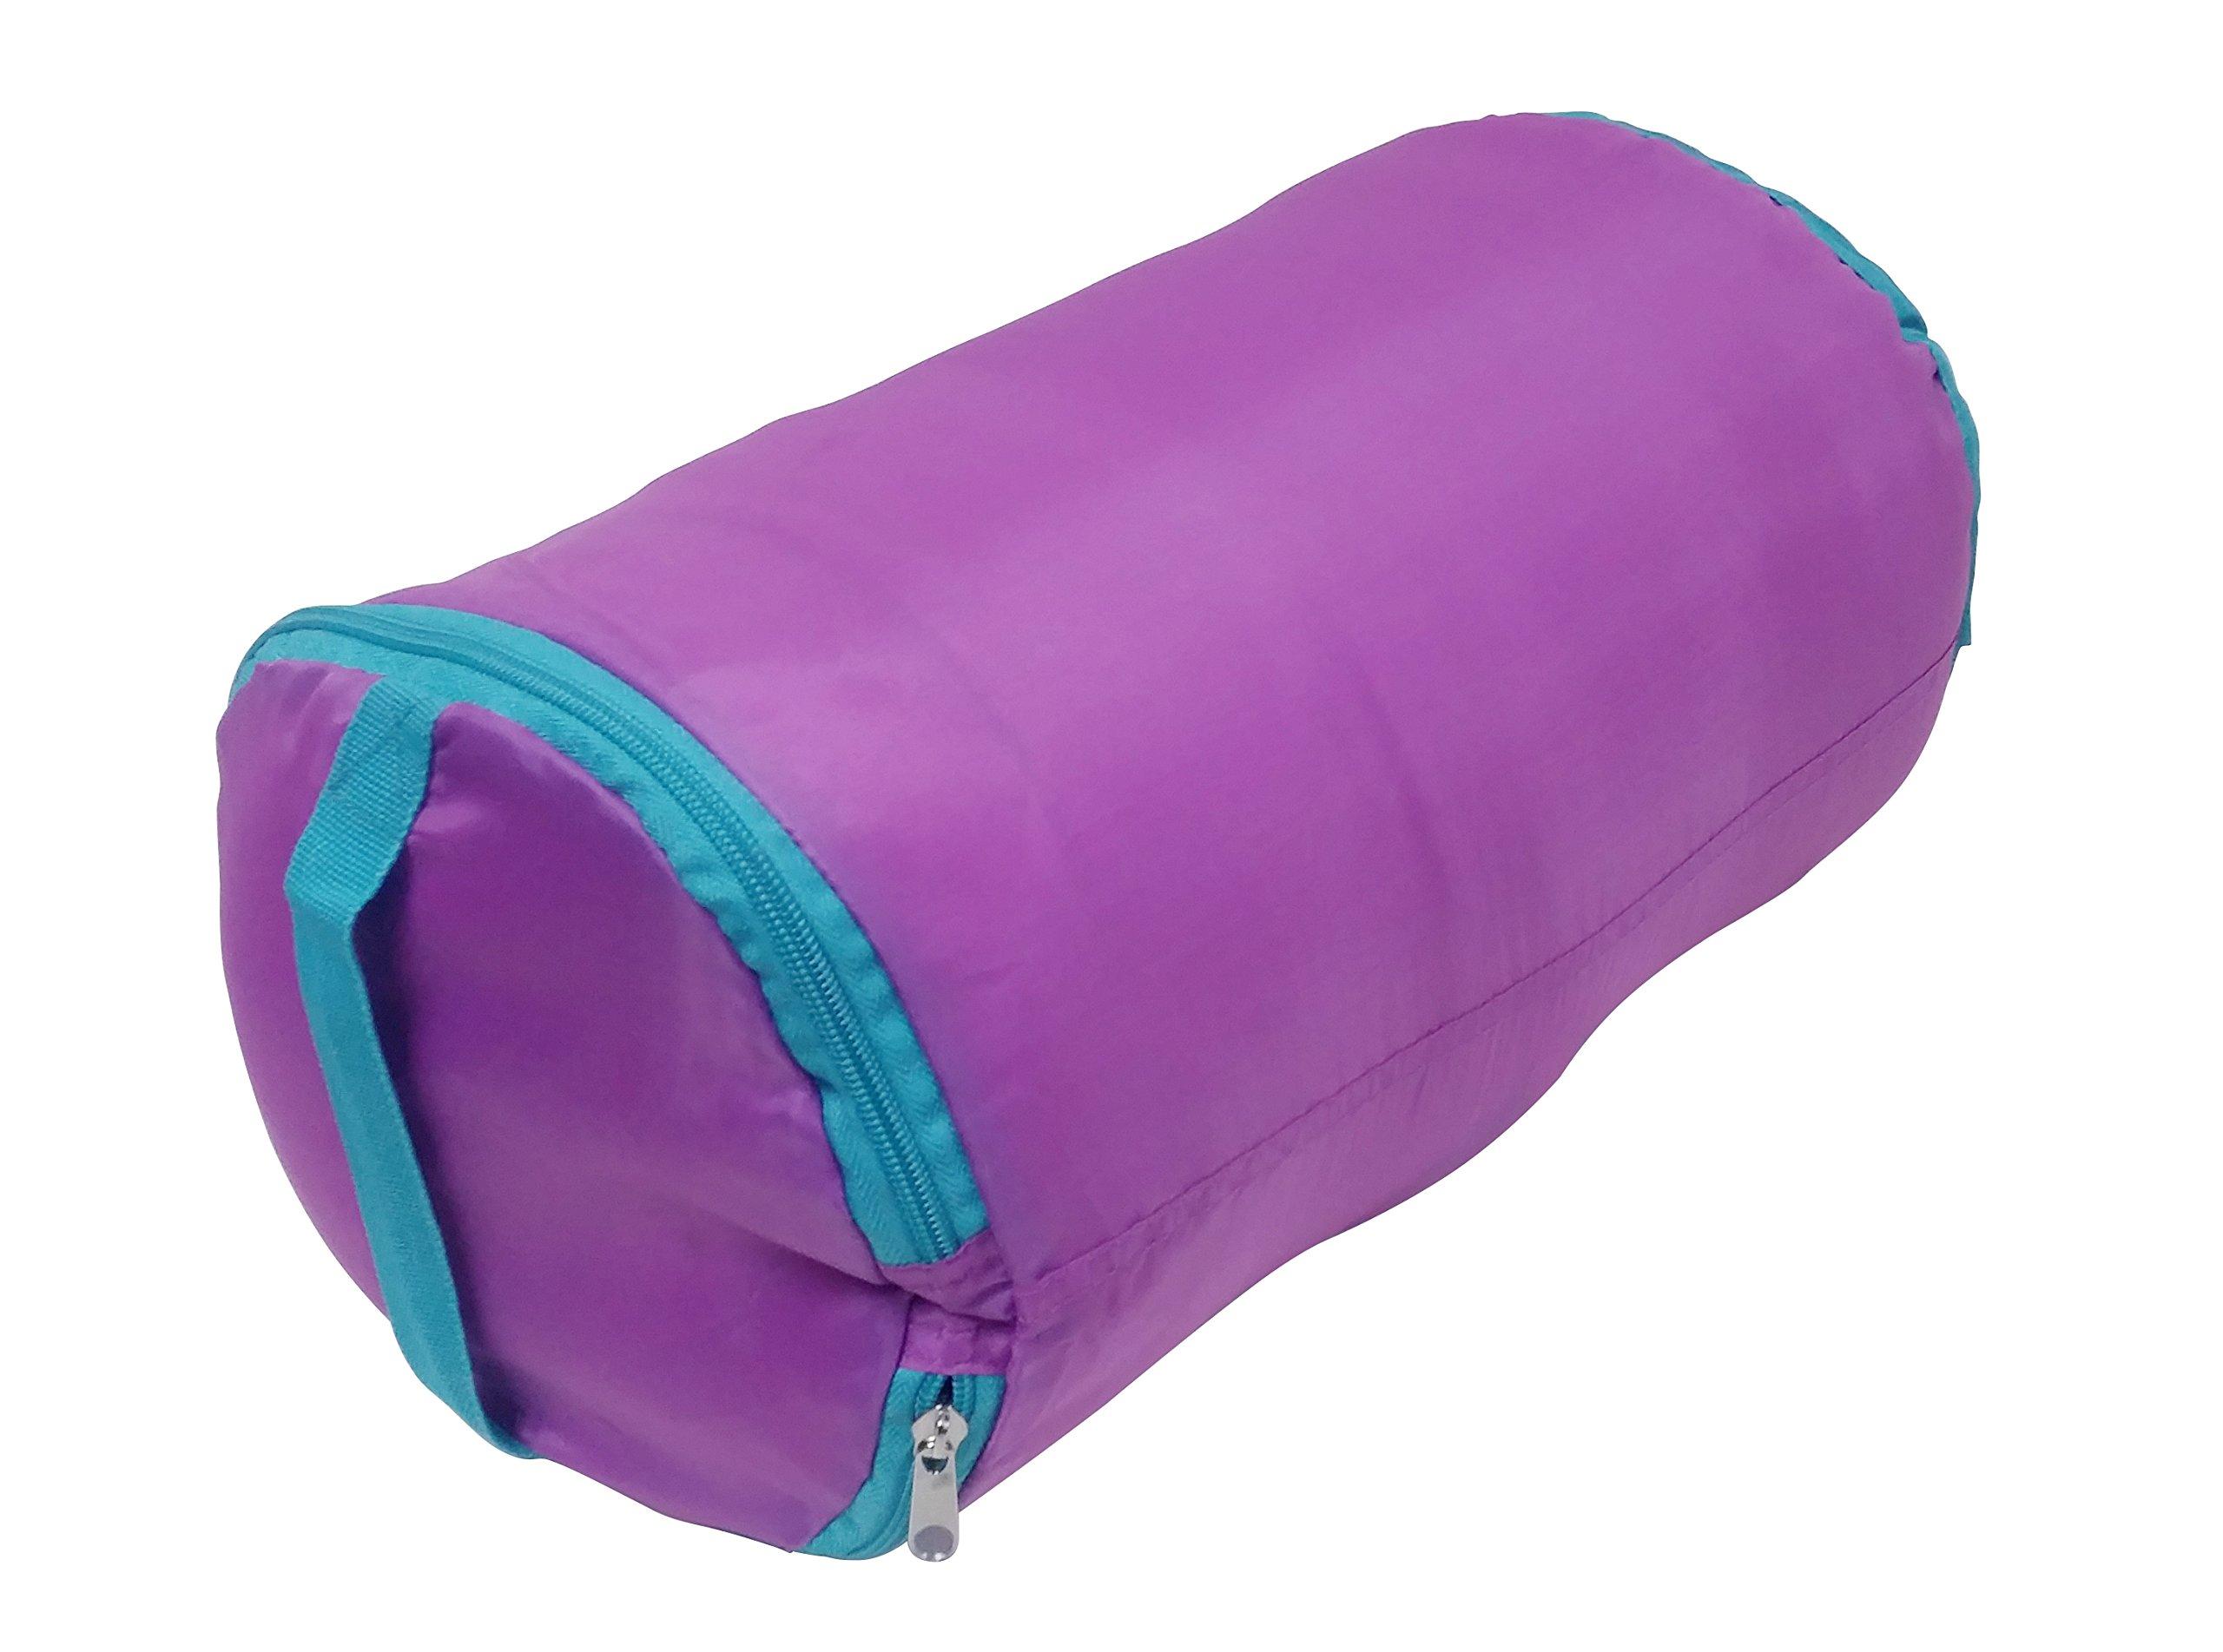 Ozark-Trail Kids Sleeping Bag Camping Indoor Outoor Traveling (Raccoon/Bear) (Purple,Teal) by Ozark-Trail (Image #4)